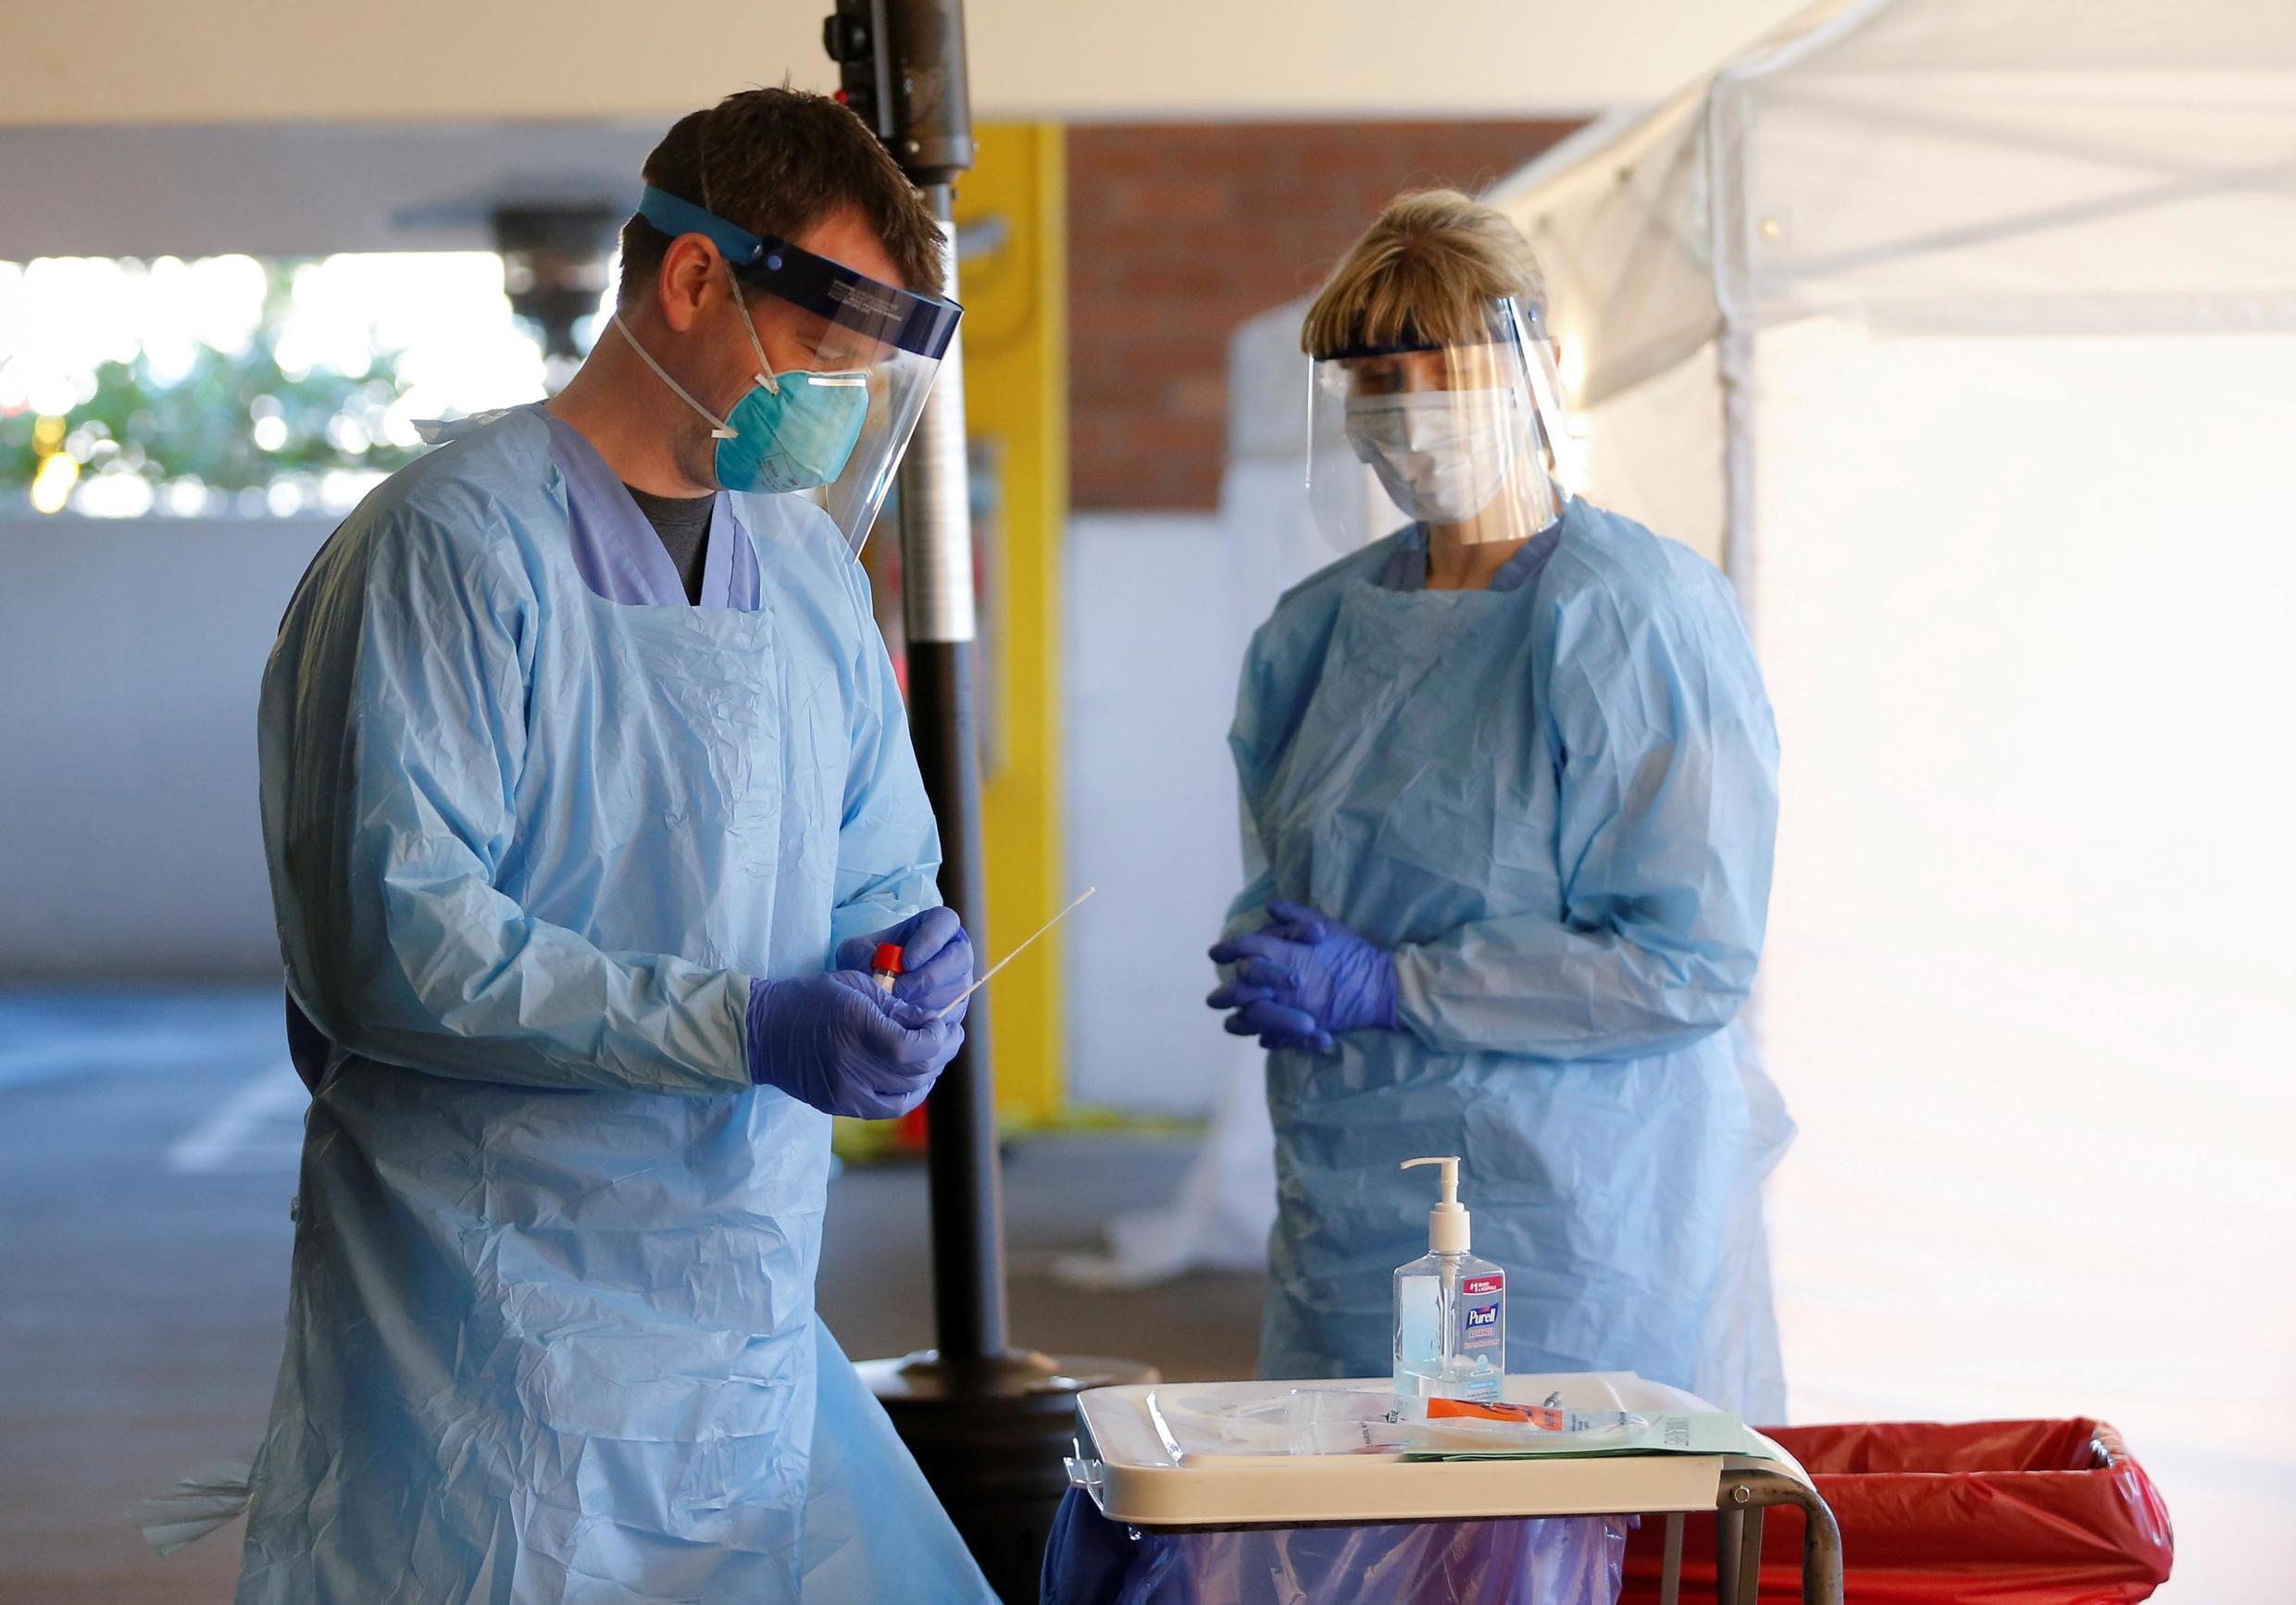 Ảnh tư liệu: Một nhân viên y tế đang lấy mẫu xét nghiệm tại Trung tâm Y tế Northwest, Seattle, Washington, ngày 09/03/2020